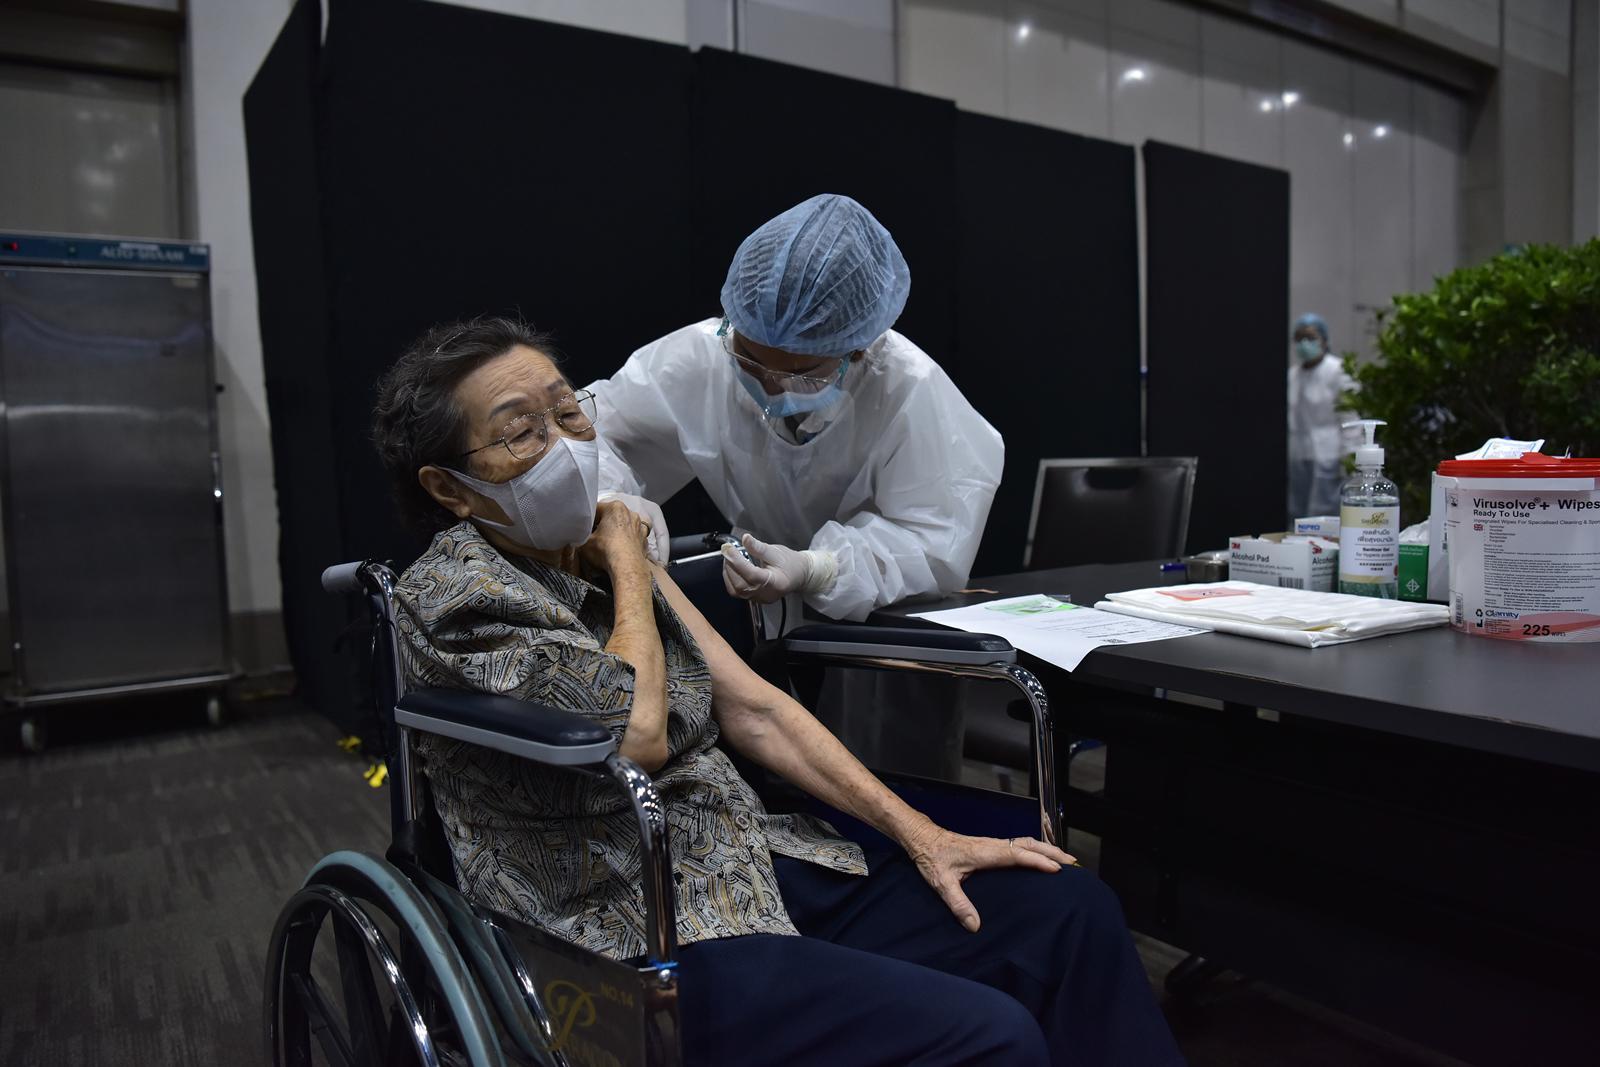 สยามพารากอน ร่วมกับ รพ.กรุงเทพ พร้อมฉีดวัคซีนโควิด-19 สำหรับประชาชนทั่วไปวันแรก!!  เร่งสร้างภูมิคุ้มกันหมู่ กระจายวัคซีนแก่ประชาชนอย่างสะดวก ปลอดภัยบนพื้นที่ใจกลางเมือง